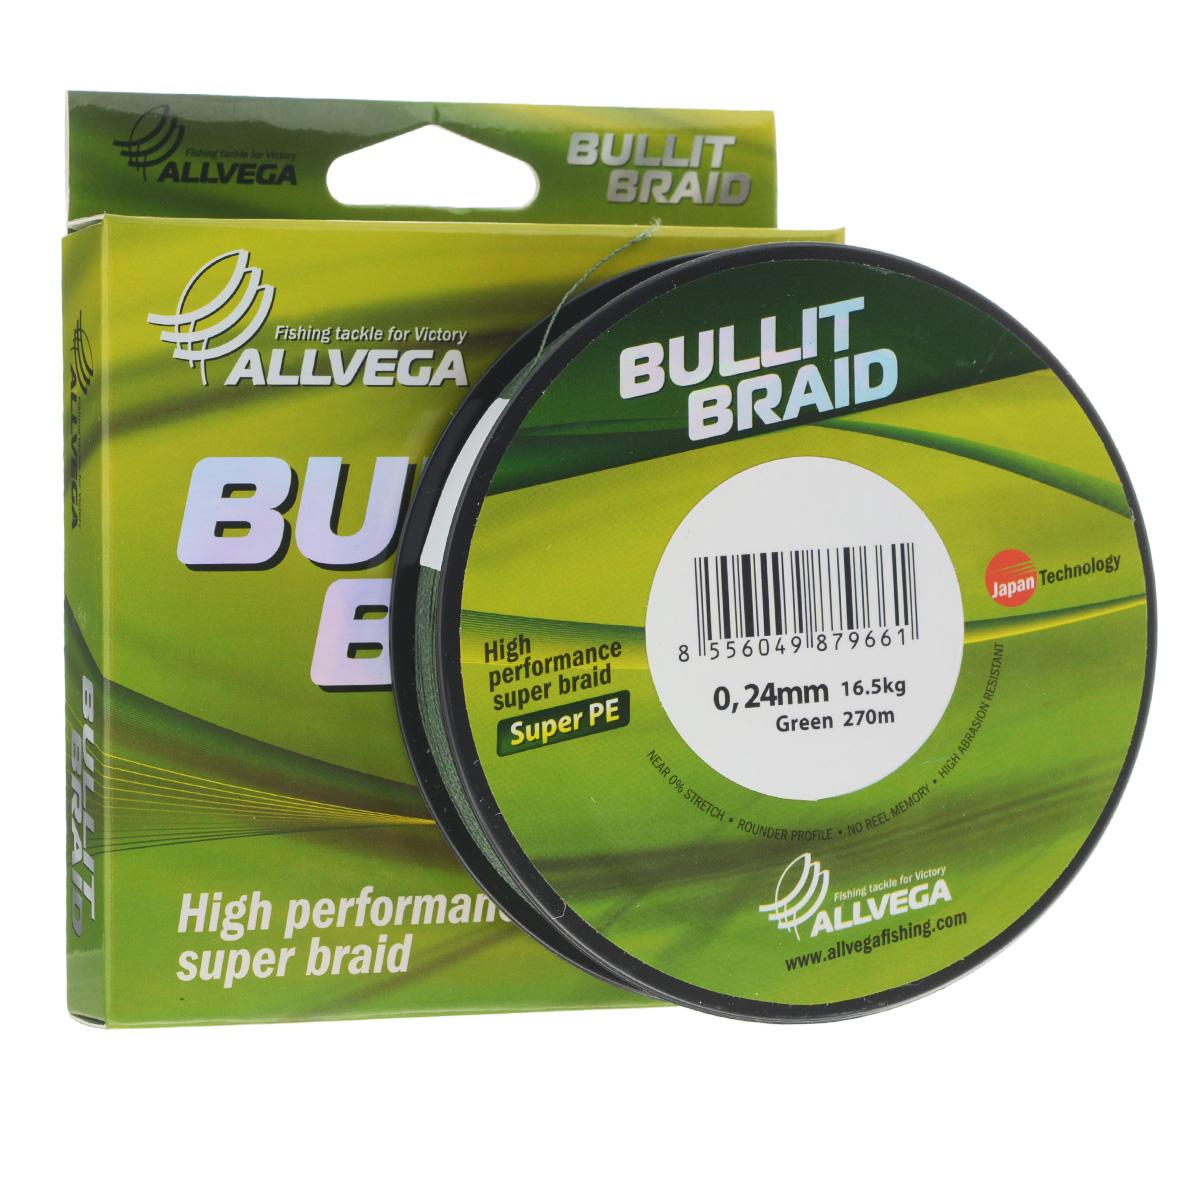 Леска плетеная Allvega Bullit Braid, цвет: темно-зеленый, 270 м, 0,24 мм, 16,5 кг25831Леска Allvega Bullit Braid с гладкой поверхностью и одинаковым сечением по всей длине обладает высокой износостойкостью. Благодаря микроволокнам полиэтилена (Super PE) леска имеет очень плотное плетение и не впитывает воду. Леску Allvega Bullit Braid можно применять в любых типах водоемов. Особенности: повышенная износостойкость; высокая чувствительность - коэффициент растяжения близок к нулю; отсутствует память; идеально гладкая поверхность позволяет увеличить дальность забросов; высокая прочность шнура на узлах.